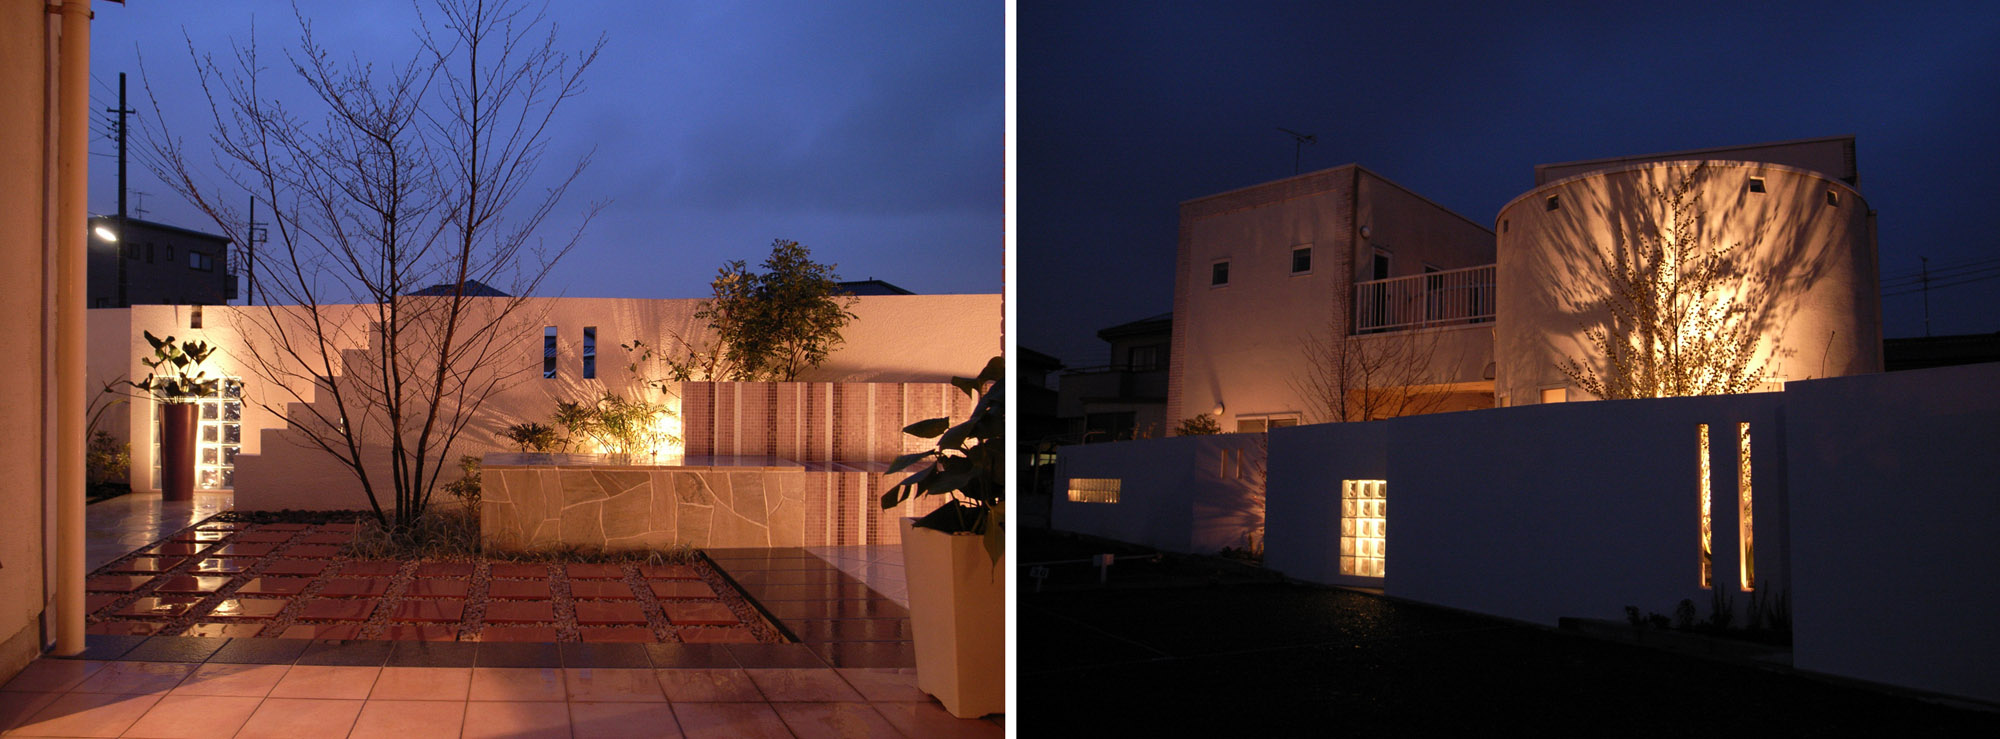 変形敷地の外構工事、外構・お庭工事後の姿。(夜のライティング)